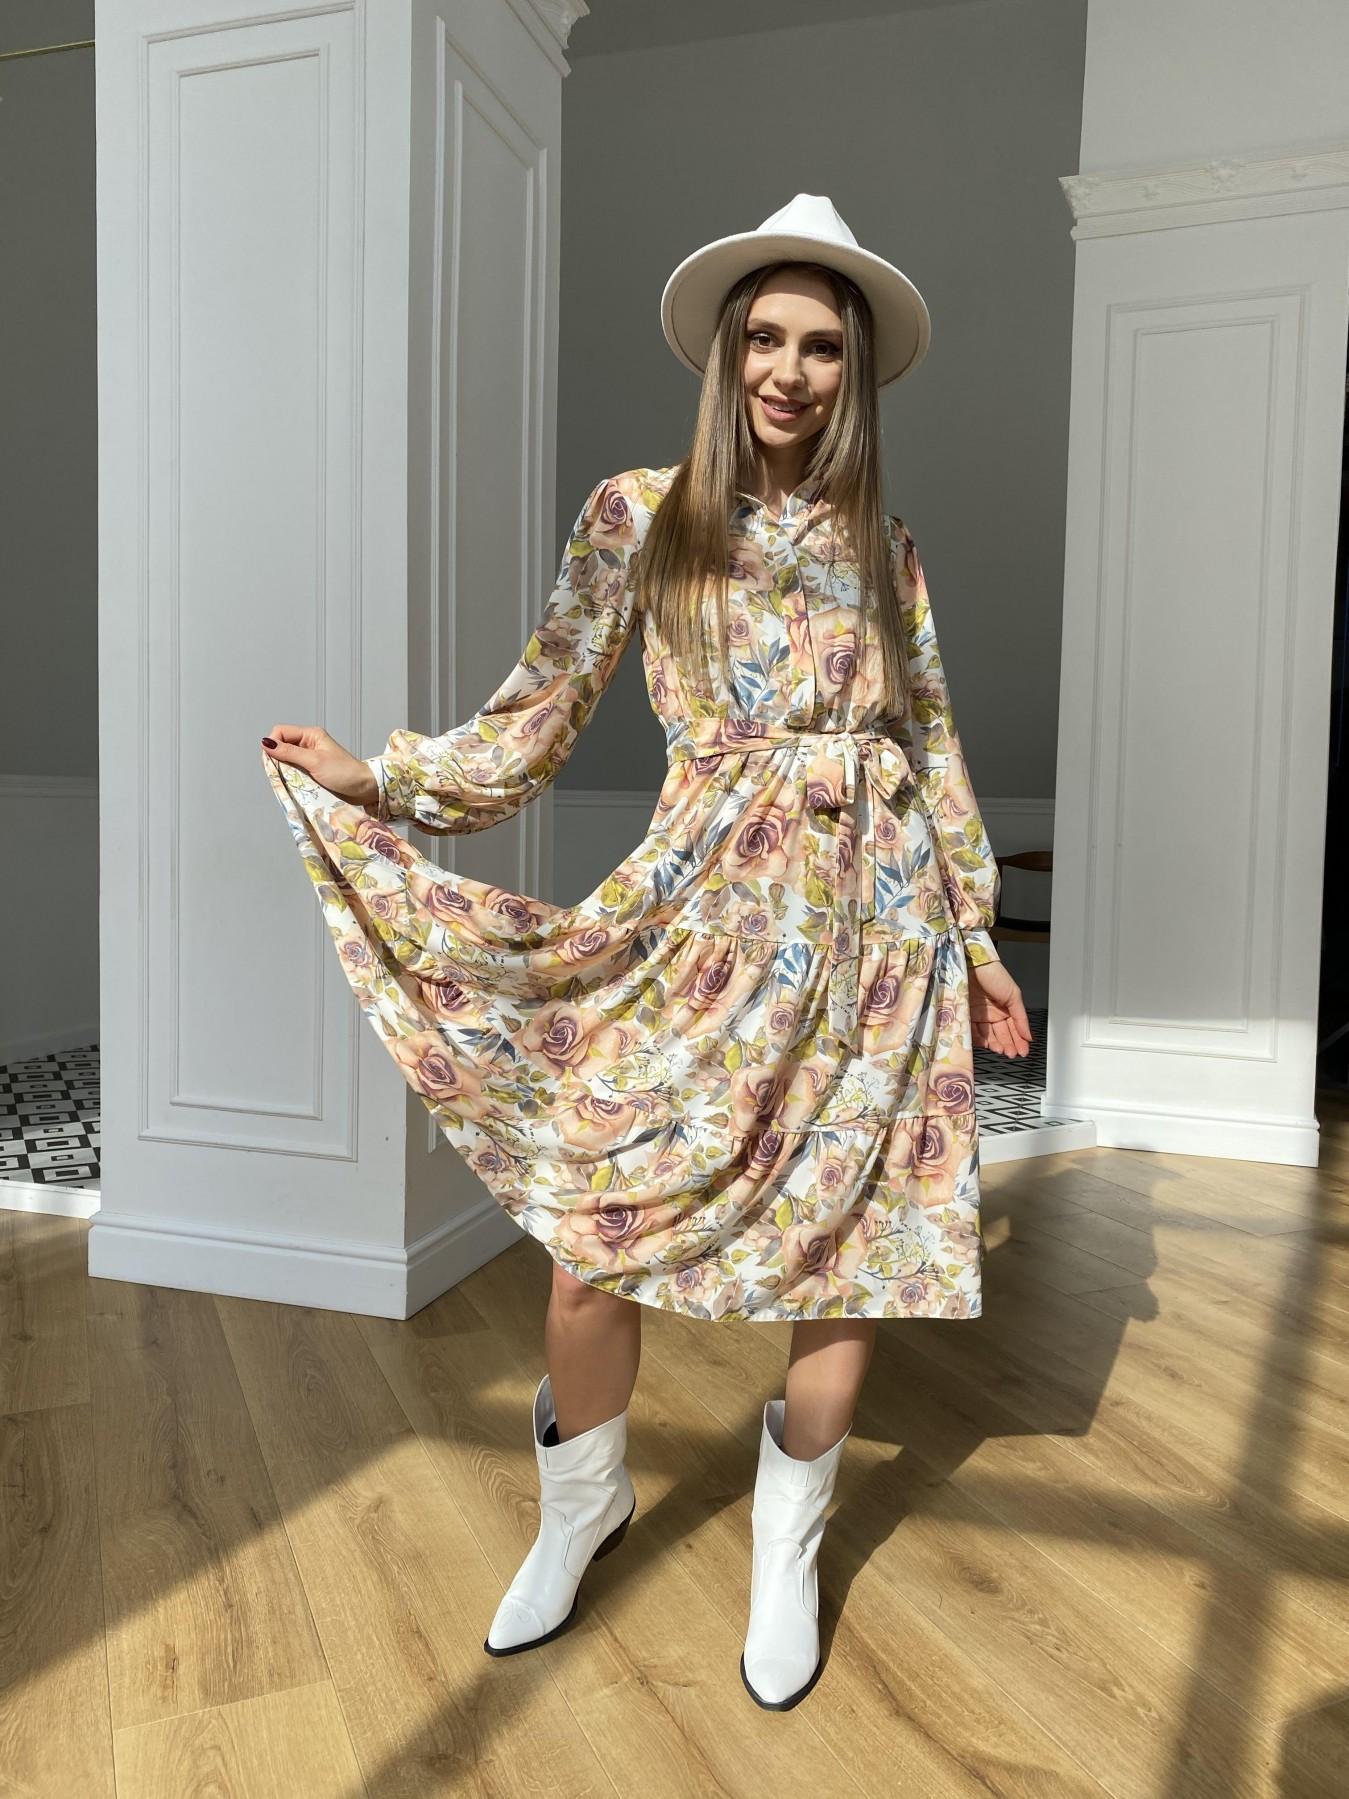 Лилия платье  софт принт бистрейч 11171 АРТ. 47666 Цвет: КрупРозаМолок/Персик - фото 8, интернет магазин tm-modus.ru